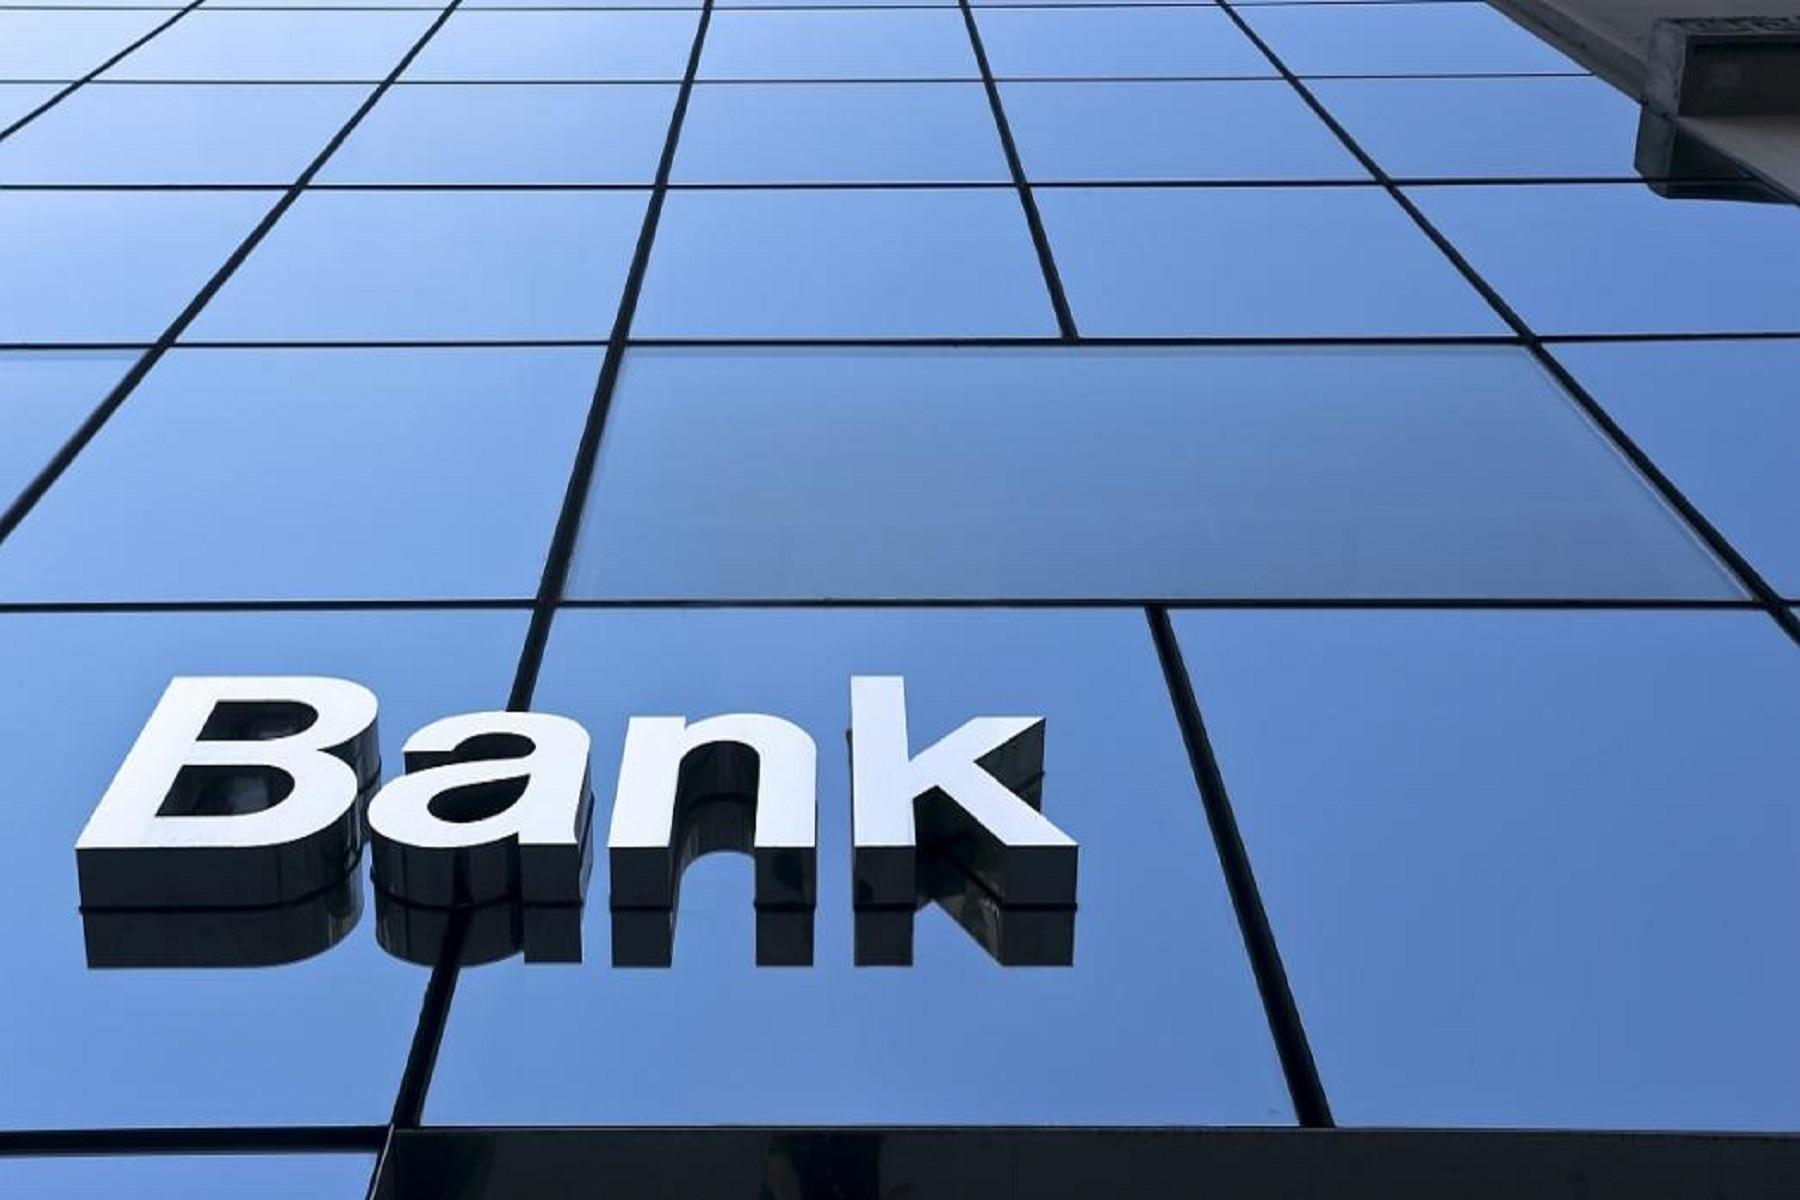 Τουρισμός Τράπεζα: Προσφέρει δωρεάν 65.000 αεροπορικά εισιτήρια AEGEAN